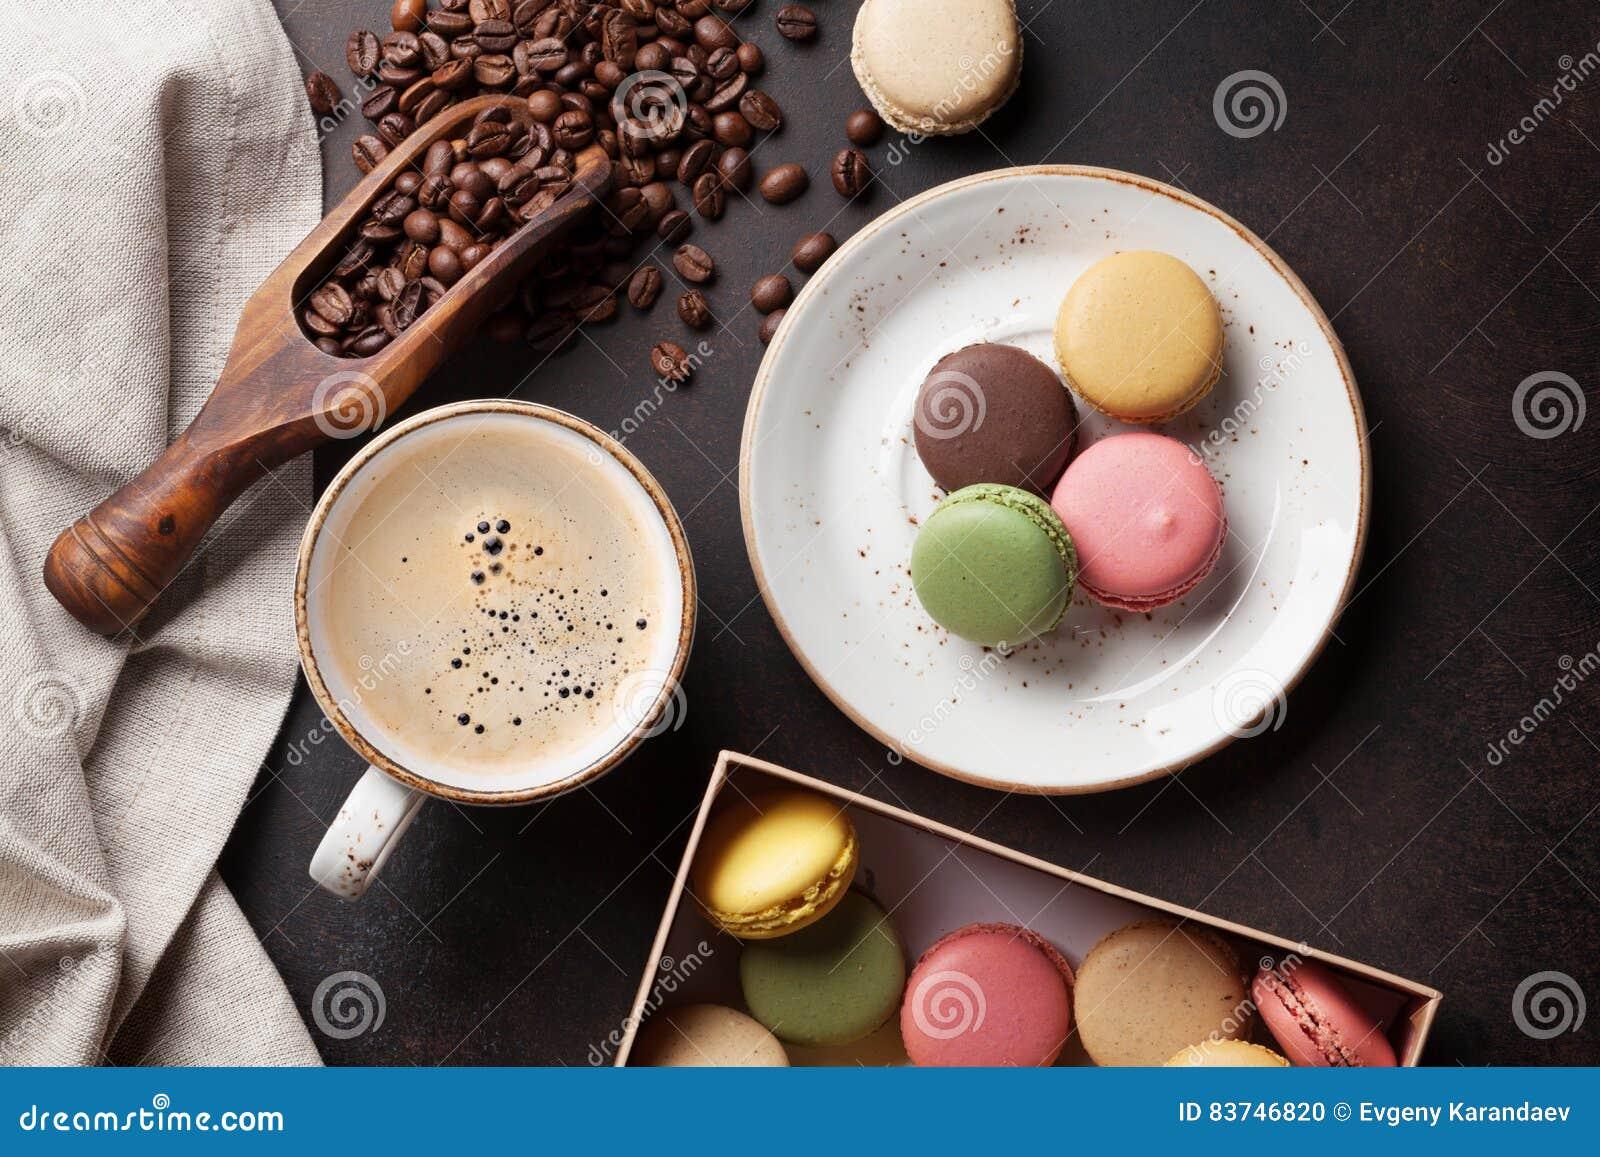 Café, chocolate y macarrones en la tabla de cocina vieja